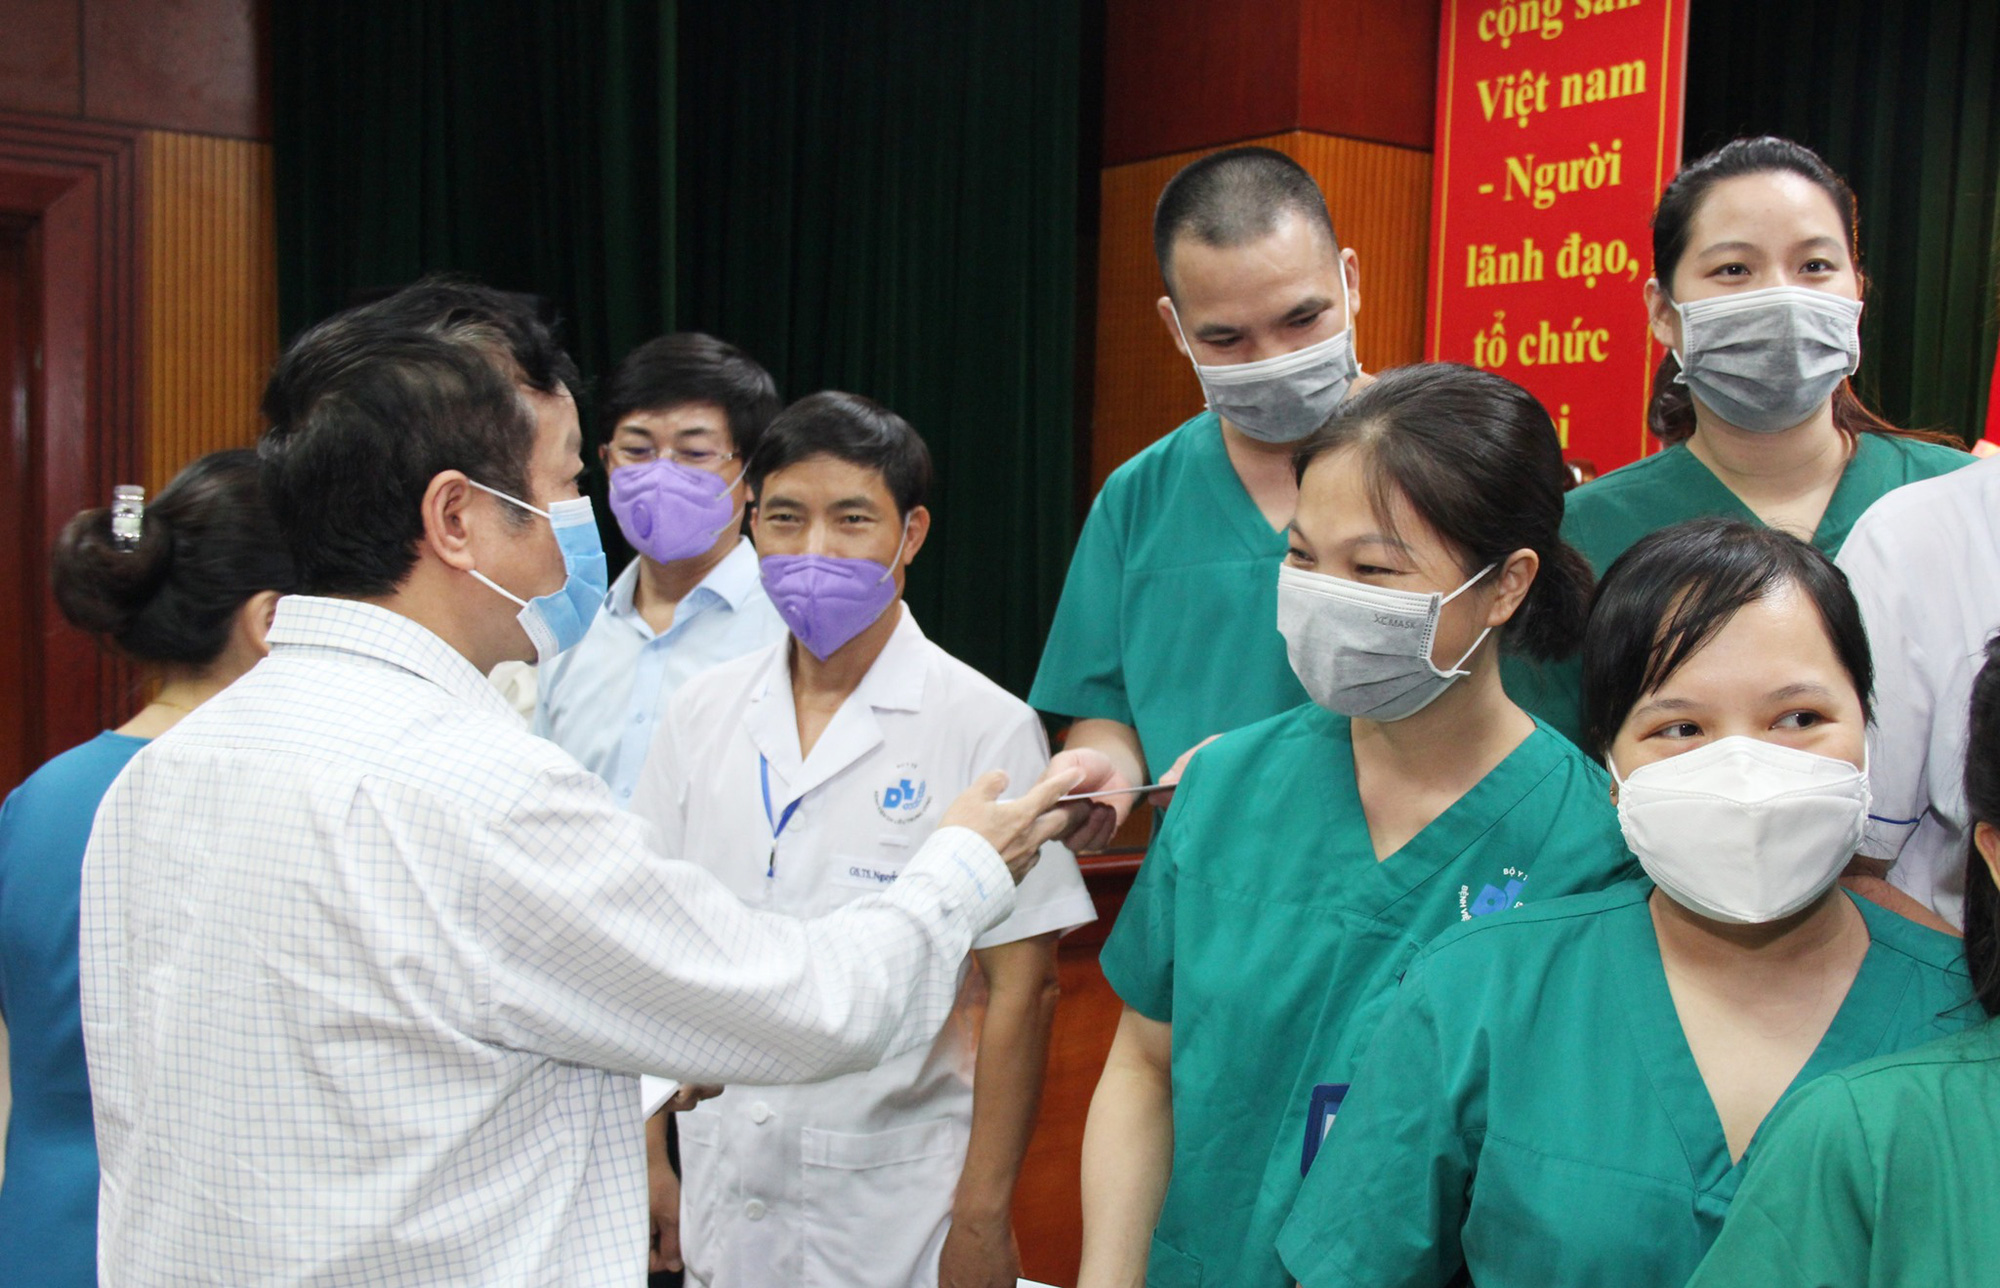 Lần thứ 3, thầy thuốc BV Da liễu Trung ương chi viện miền Nam chống dịch - Ảnh 3.